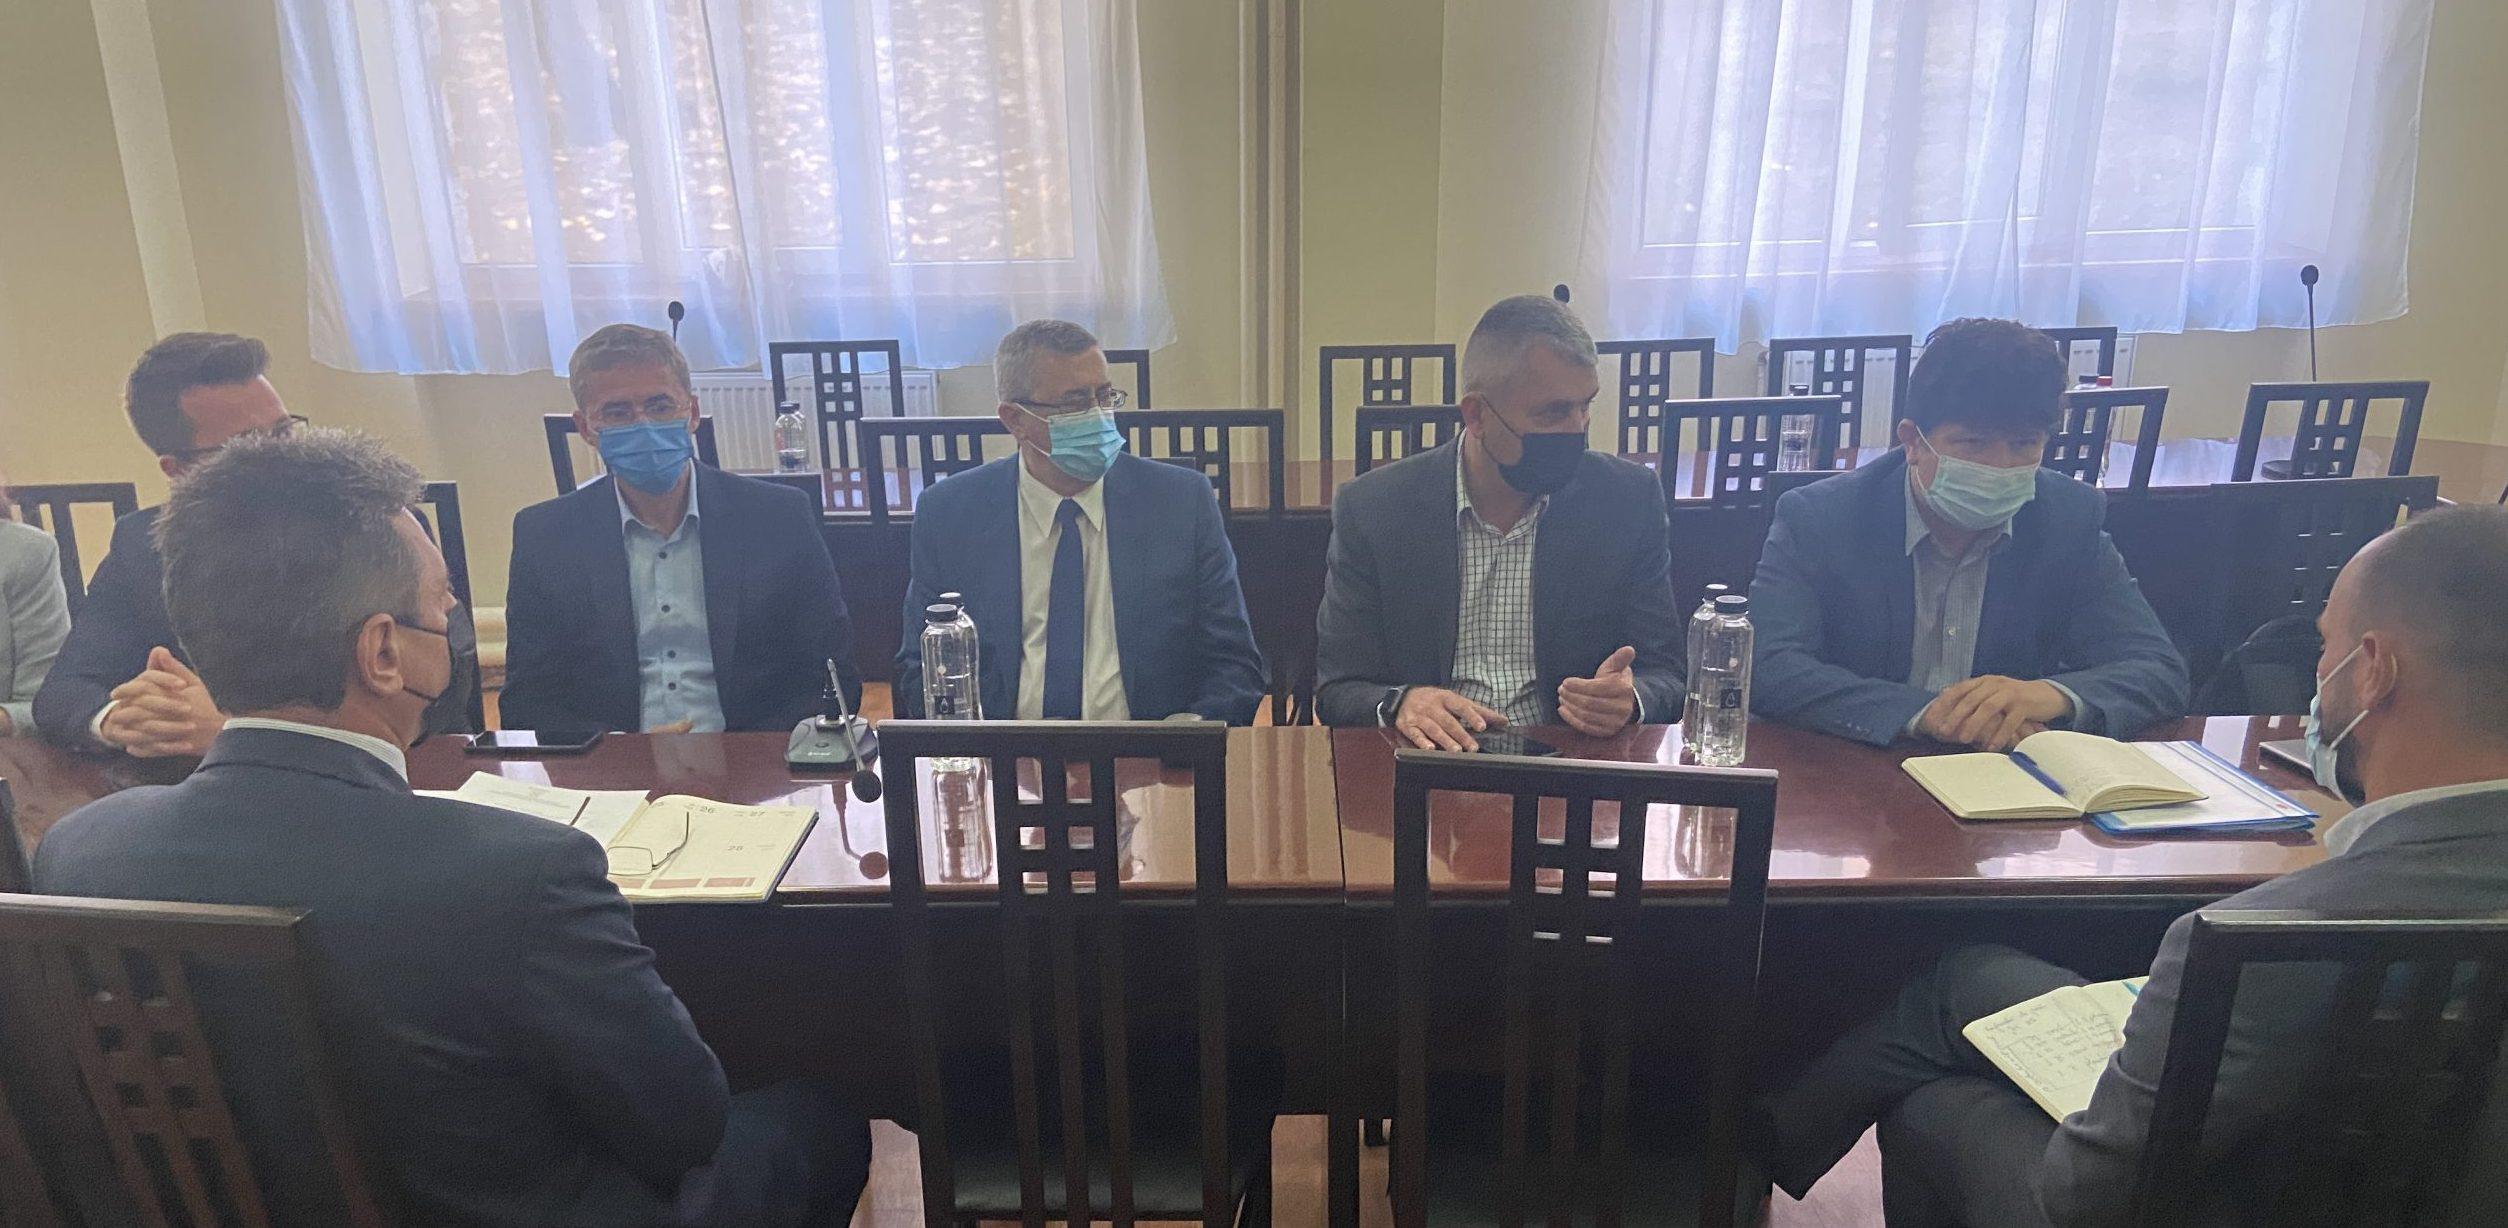 Universitatea din Petroșani, gazda unei întâlniri de lucru pe teme referitoare la Mecanismul pentru Tranziție Justă și constituirea ITI